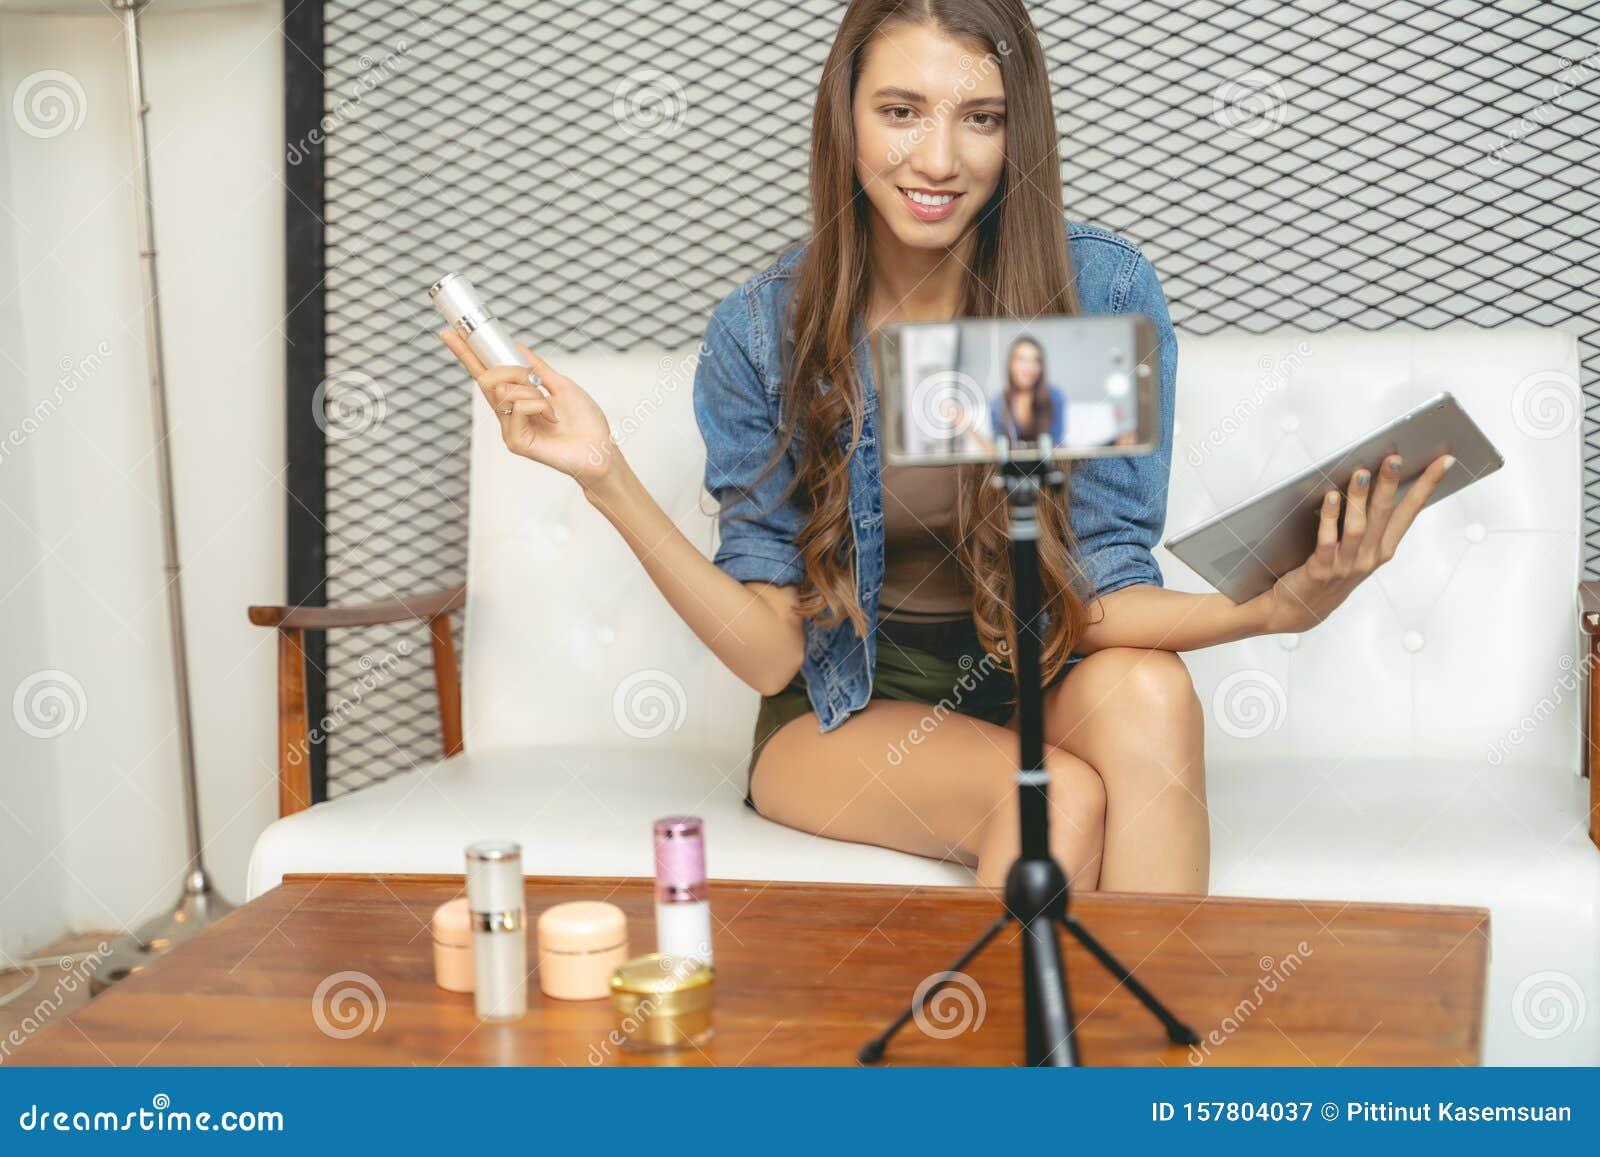 Real Asian Massage Girl Girl